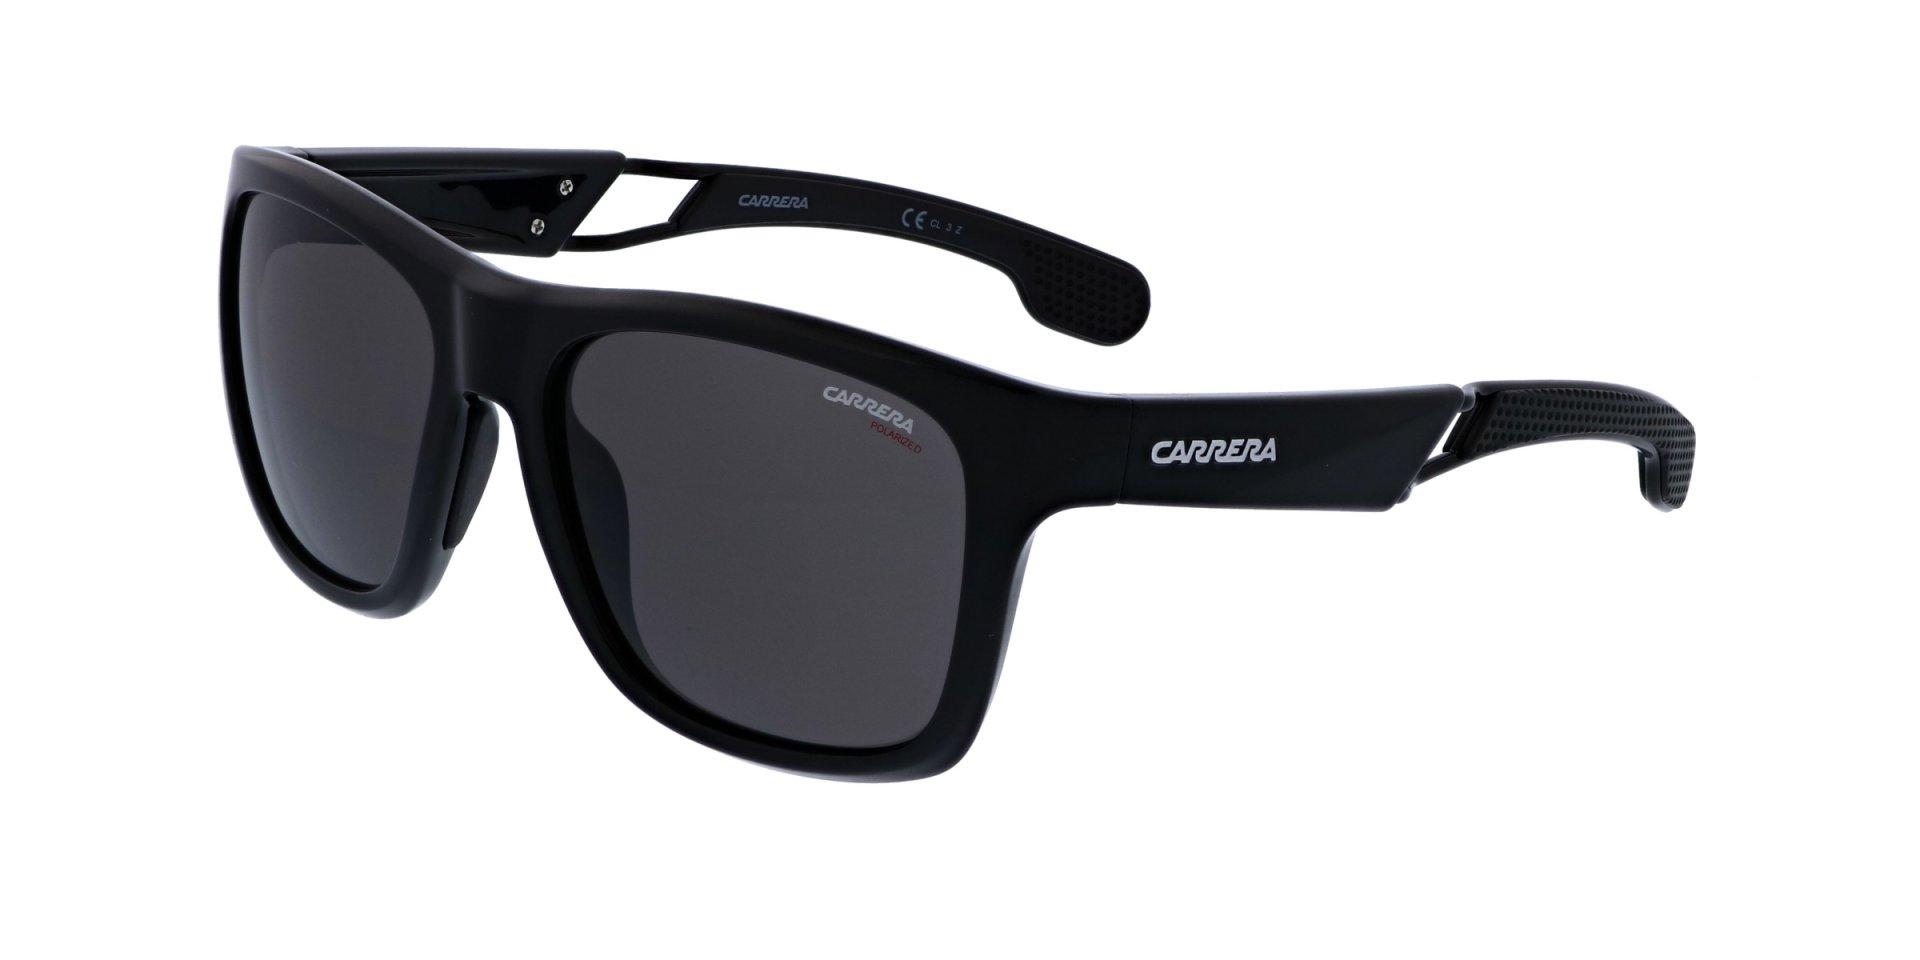 Carrera Carrera 4007/s 807/m9 d8oKavCLU1